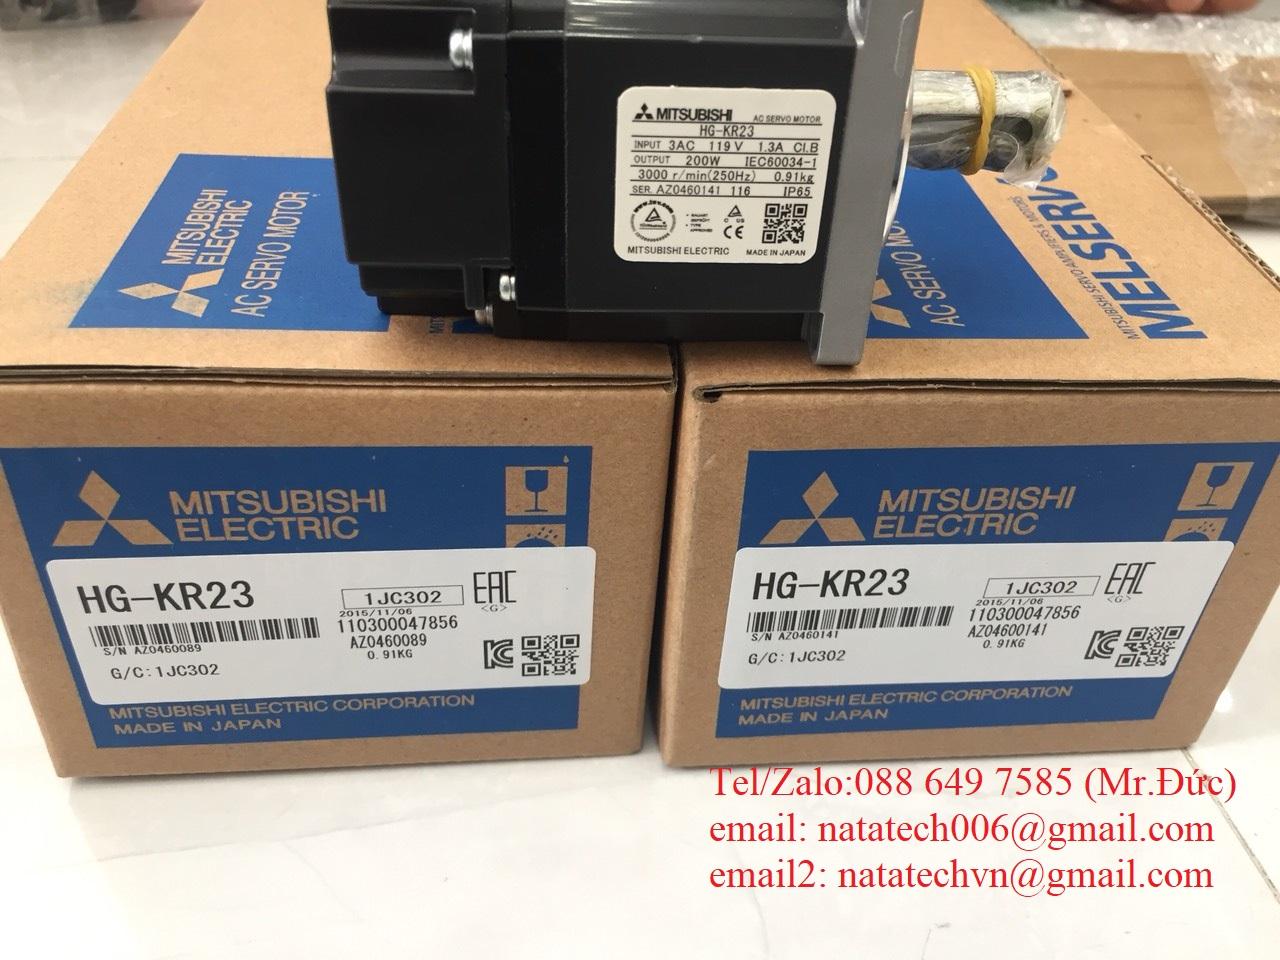 Q173CPUN Công ty TNHH Natatech chuyên cung cấp các model hàng của hãng MITSUBISHI